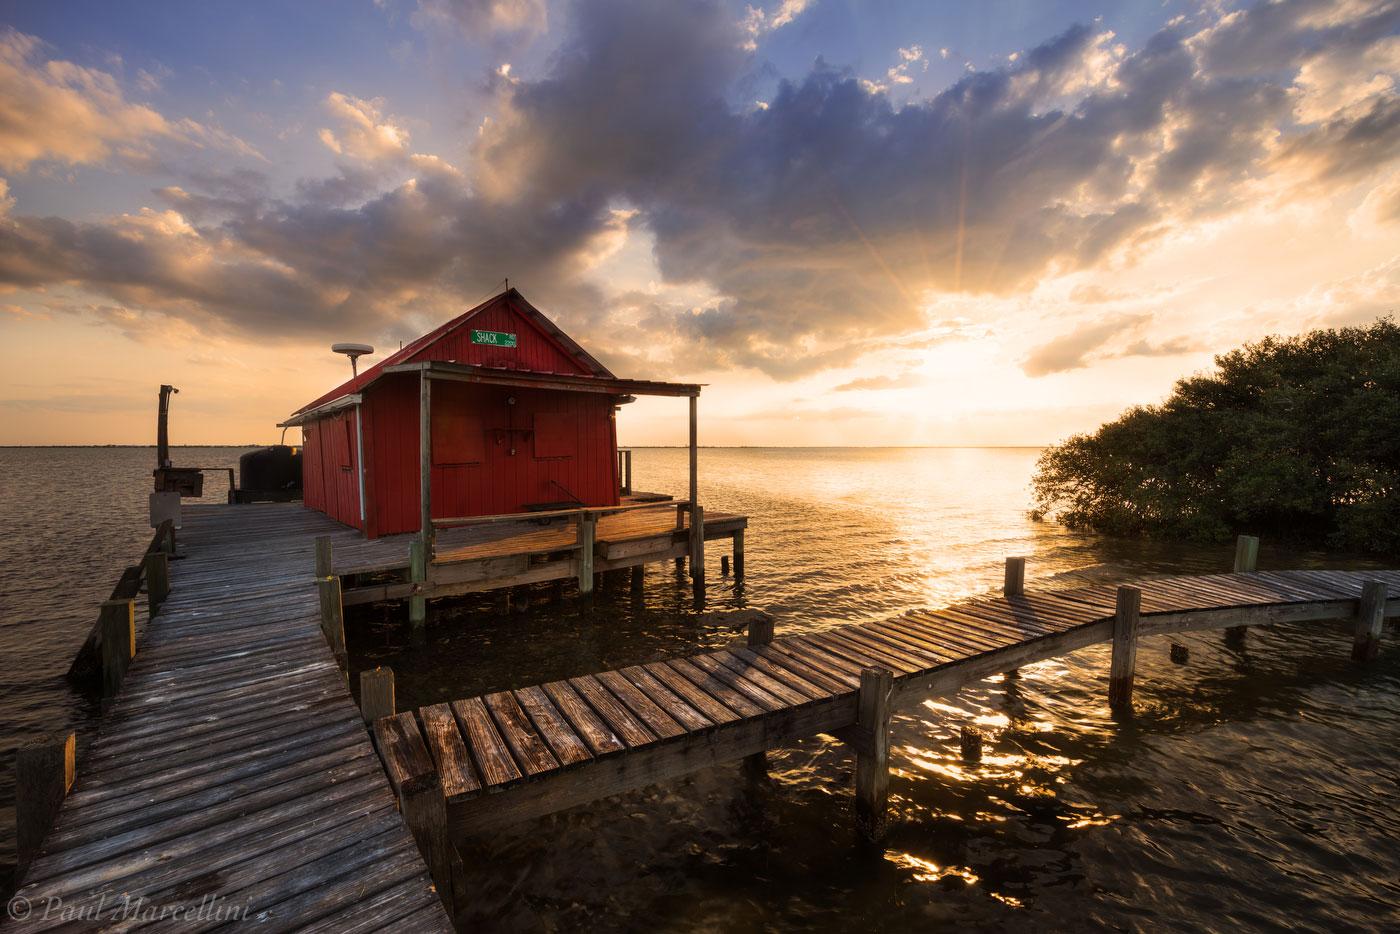 red shack, pine island sound, florida, southwest, stilts, sunset, nature, photography, photo